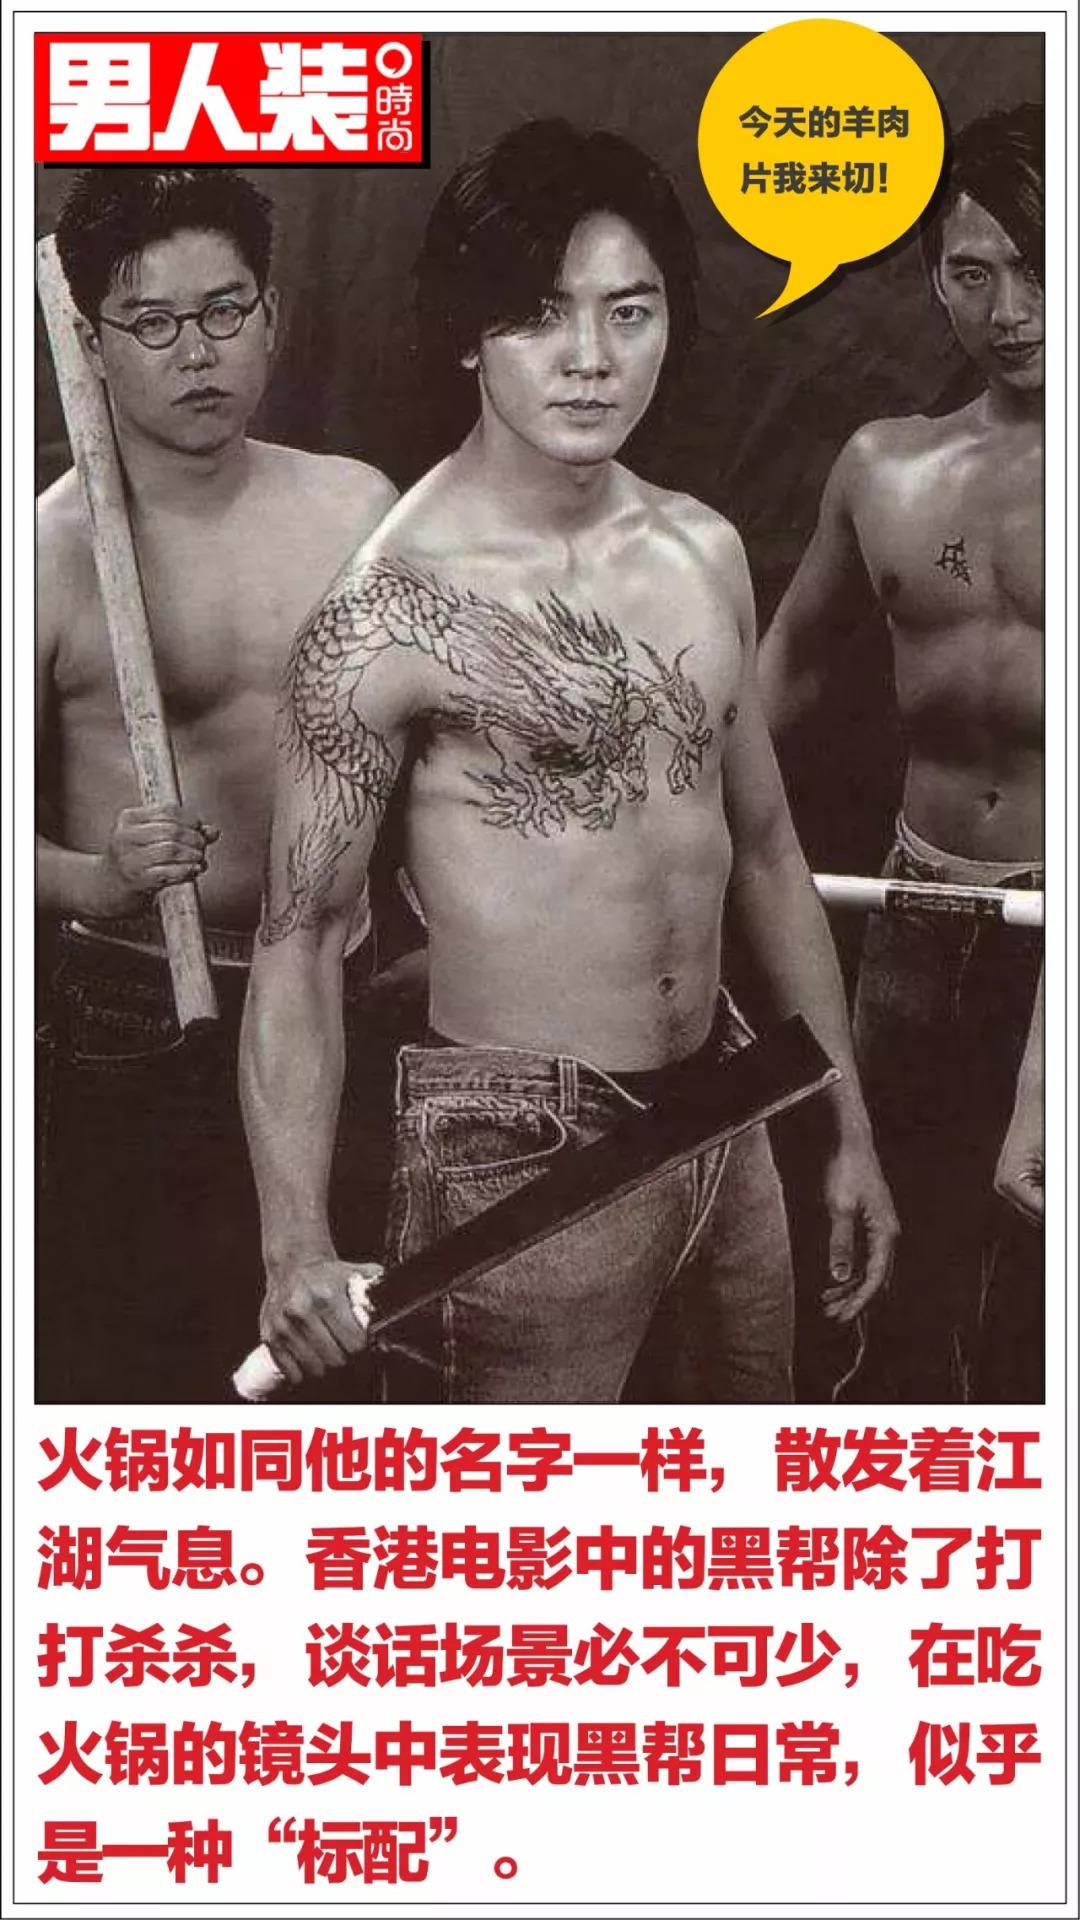 """香港古惑仔聚会为什么喜欢""""打边炉"""""""